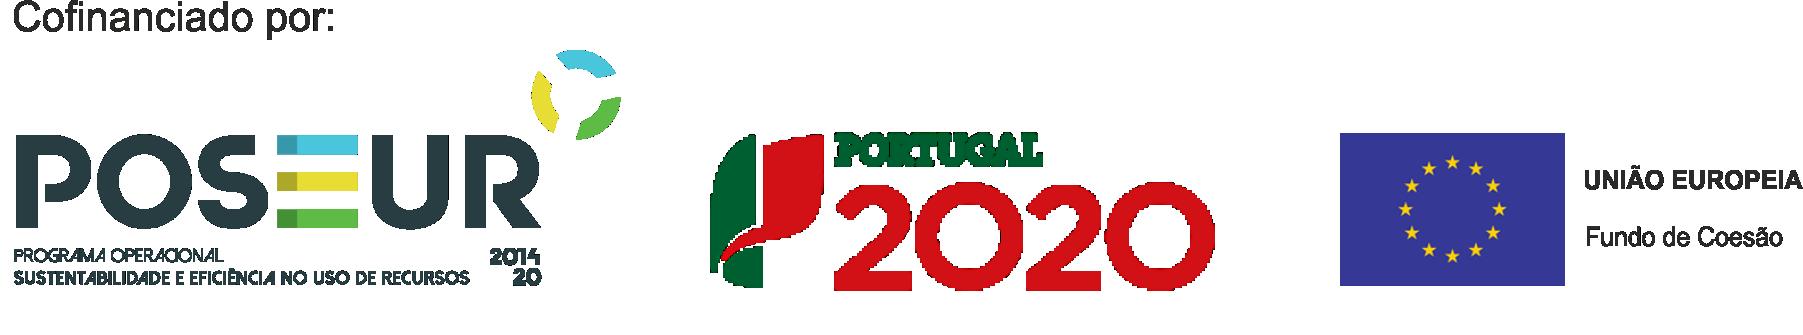 POSEUR_PT2020_FC